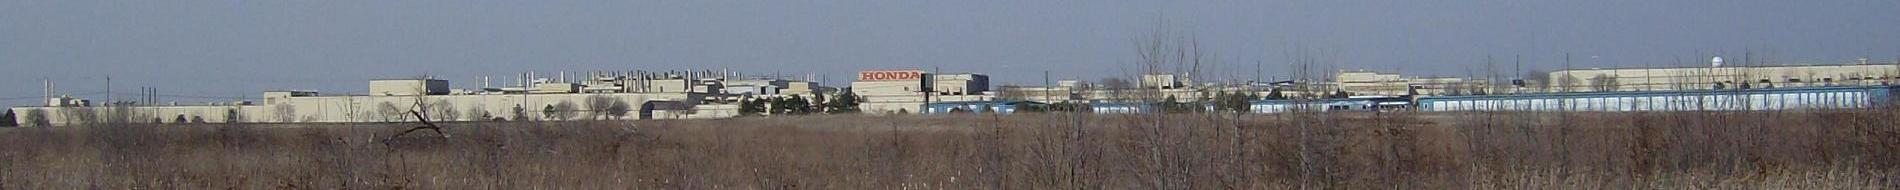 Marysville Auto Plant - Wikipedia